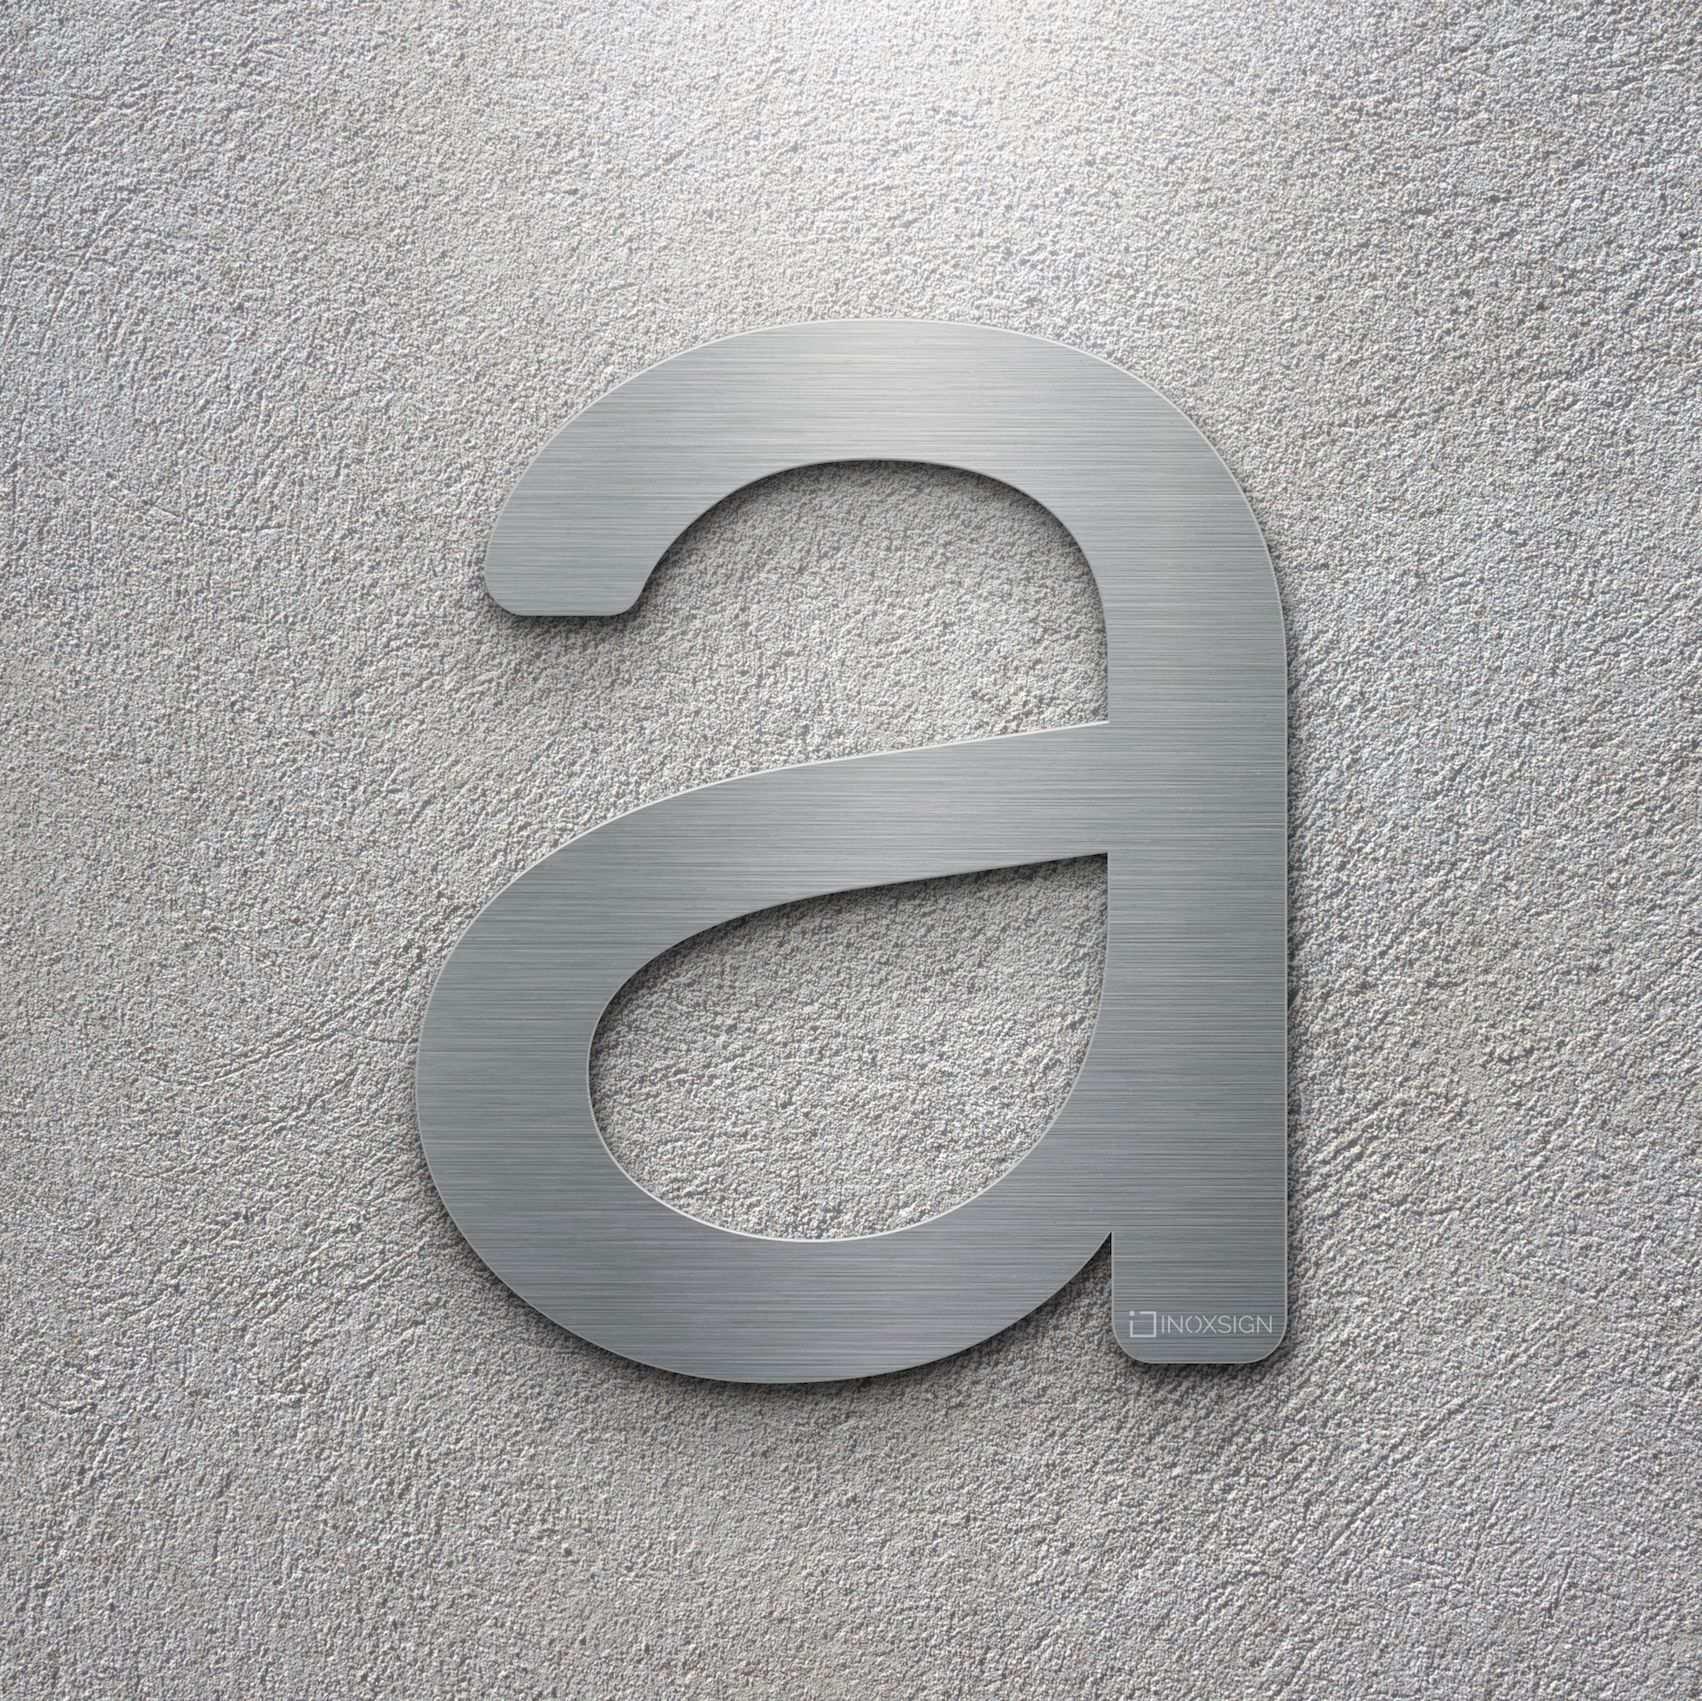 Neu Inoxsign Klasische Edelstahl Hausnummer A Moderne Hausnummern Aus Edelstahl Geburstet Design Hausnum Hausnummern Moderne Hausnummernschild Hausnummern